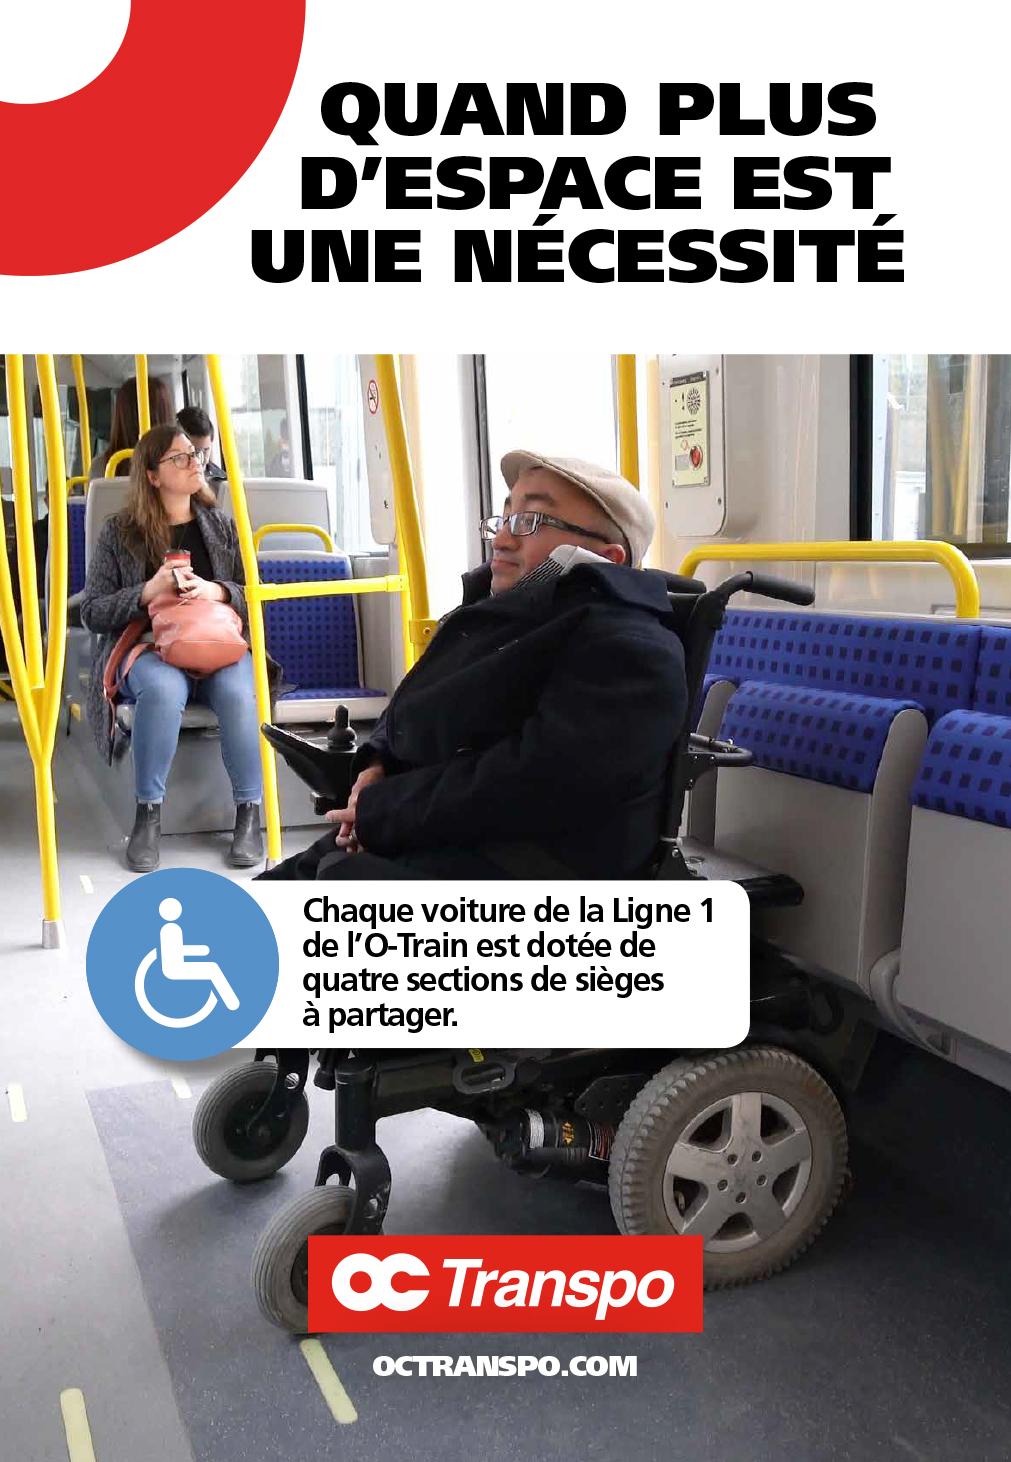 Un homme en fauteuil roulant électrique dans l'aire de sièges à partager. Texte sur l'image : Quand plus d'espace est une nécessité. Chaque voiture de la Ligne 1 de l'O-Train est dotée de quatre sections de sièges à partager.